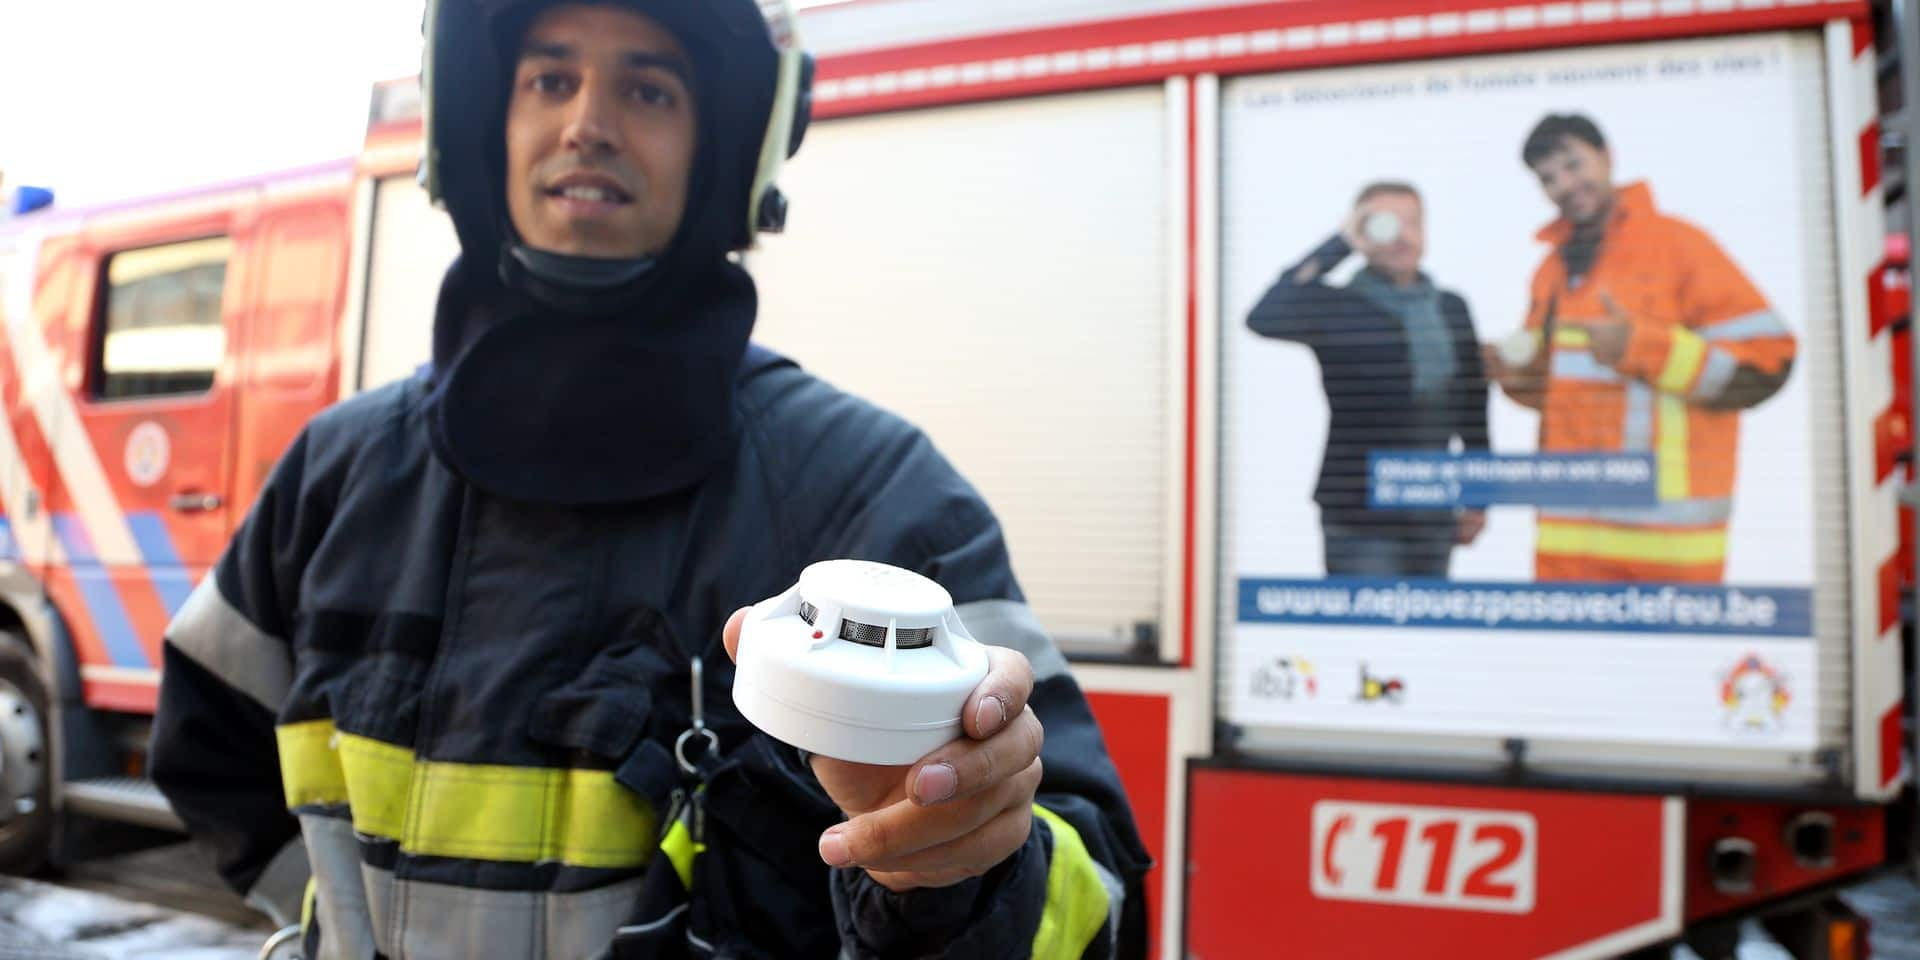 Les pompiers du SIAMU participent d'ailleurs activement à la campagne pour l'installation des détecteurs de fumée à laquelle la Secrétaire d'Etat Cécile Jodogne a apporté sa contribution.